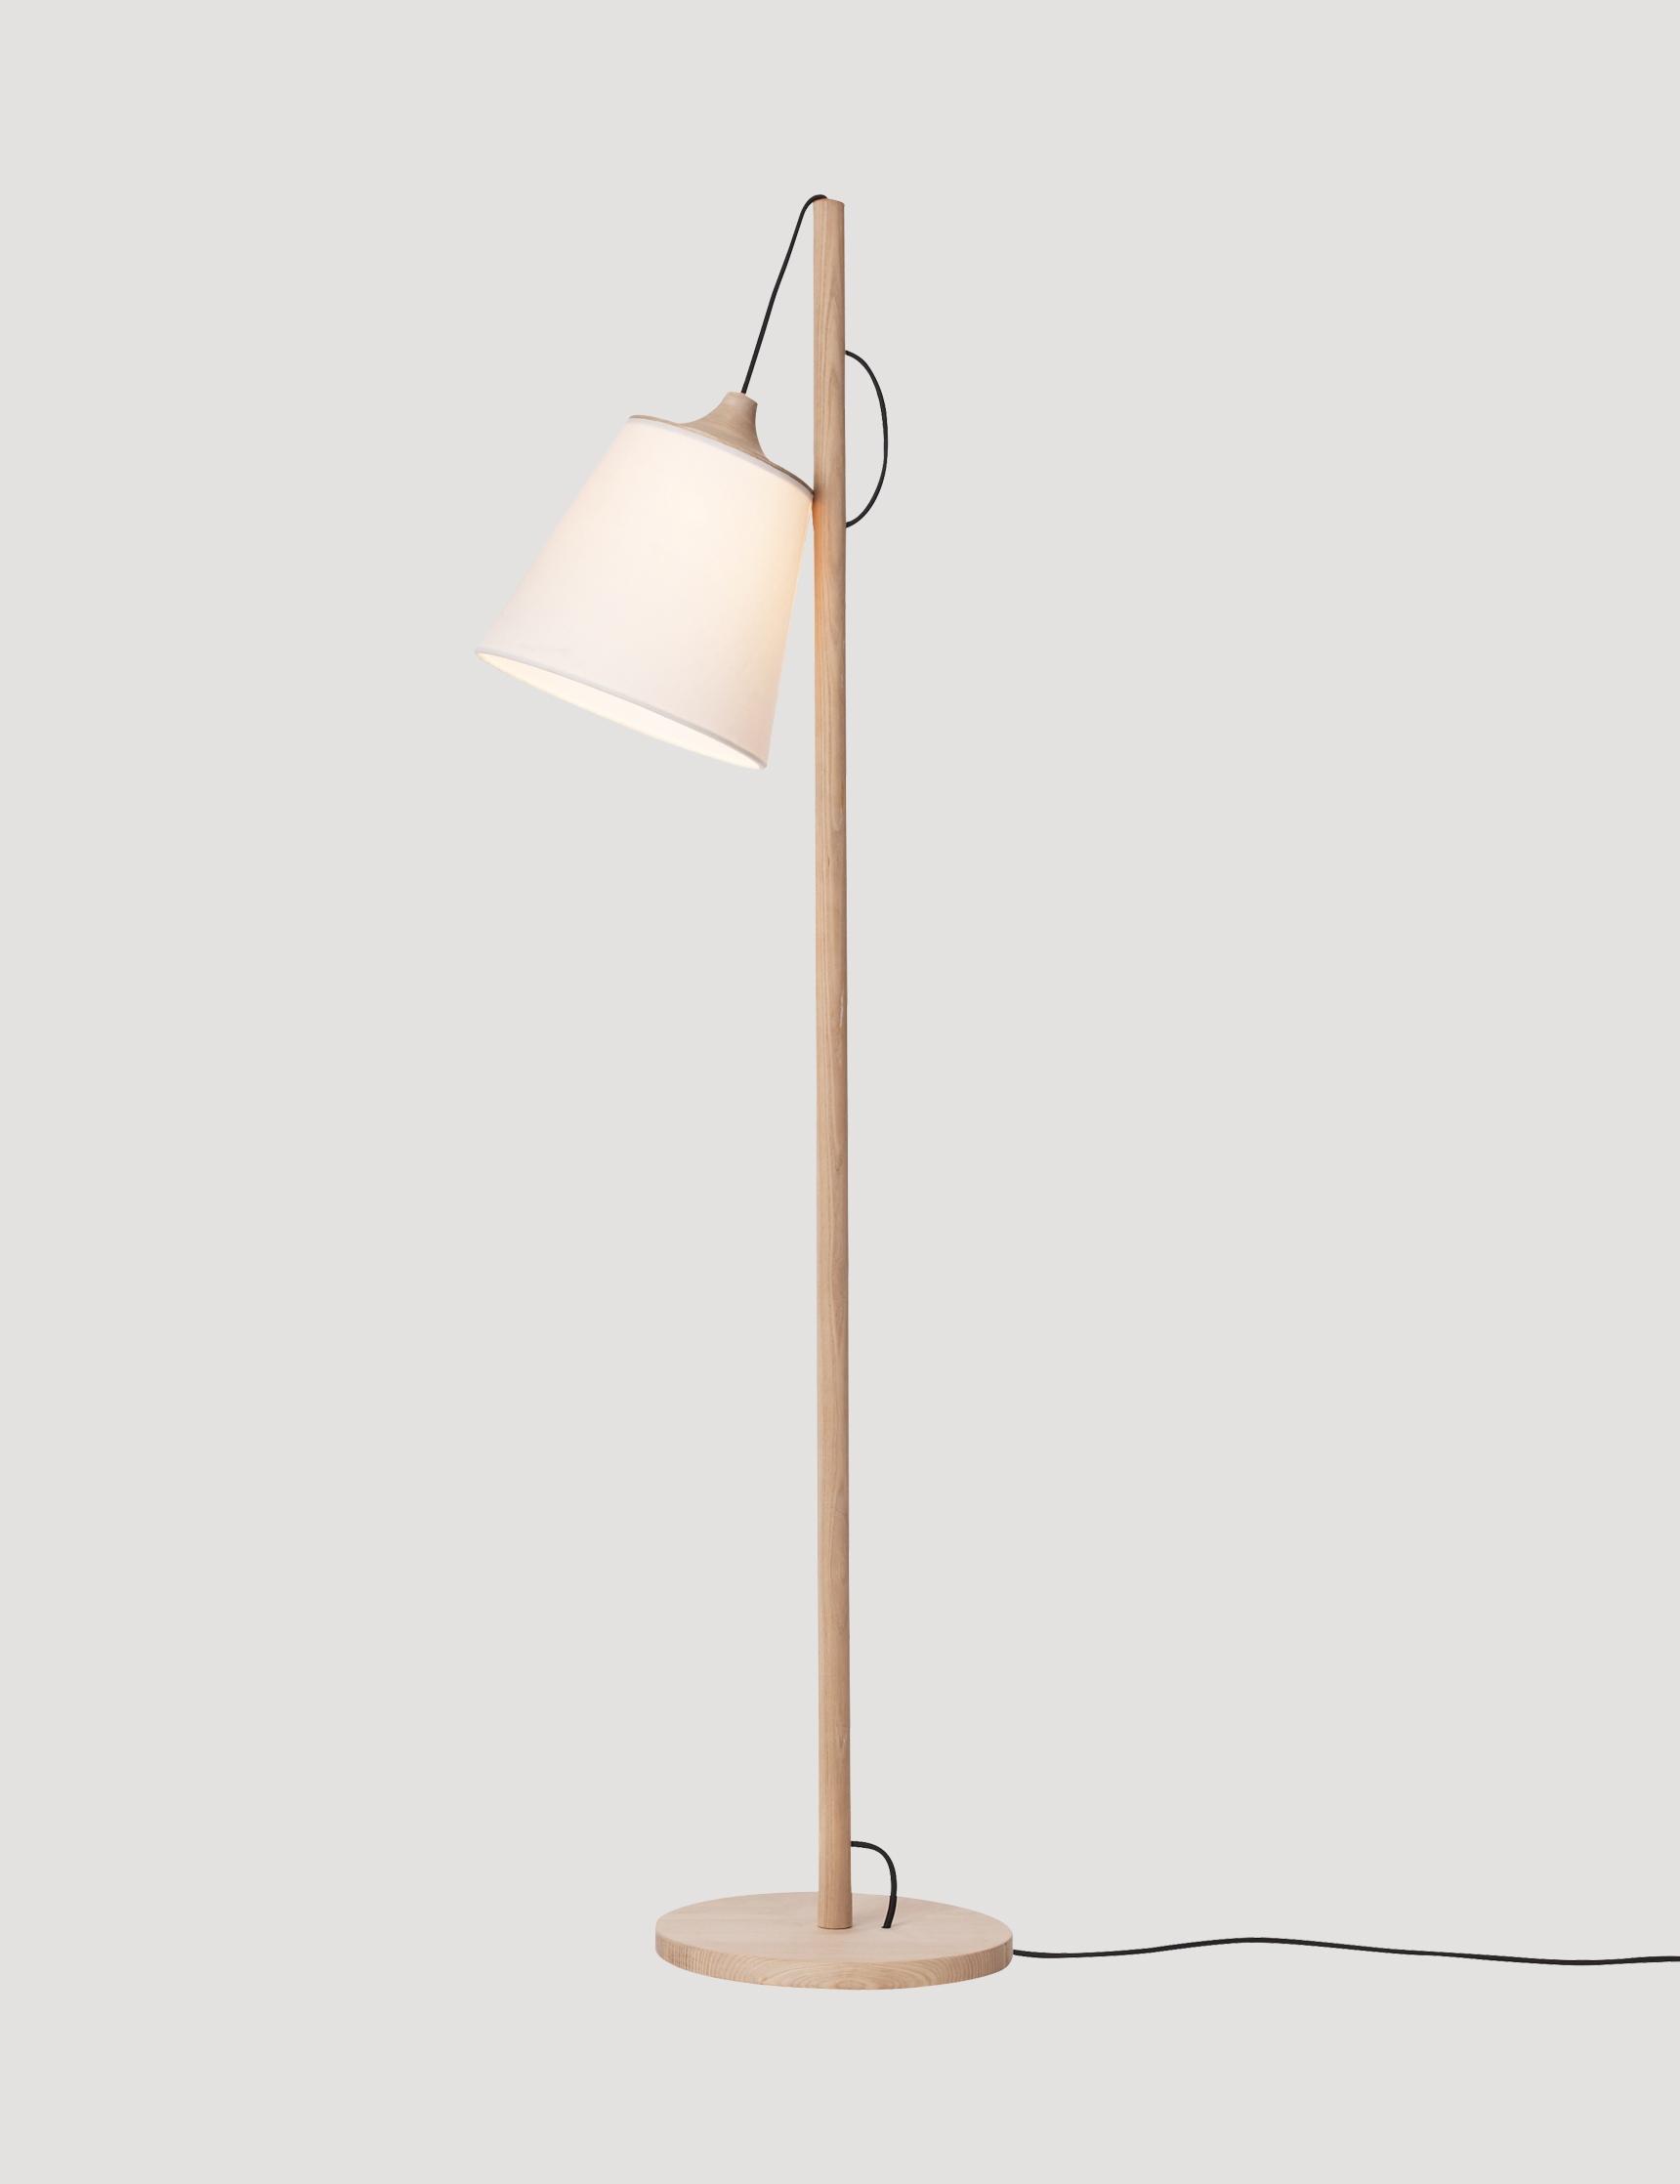 Scandinavian Floor Lamp: Pull - Modern Scandinavian Design Floor Lamp by Muuto - Muuto,Lighting